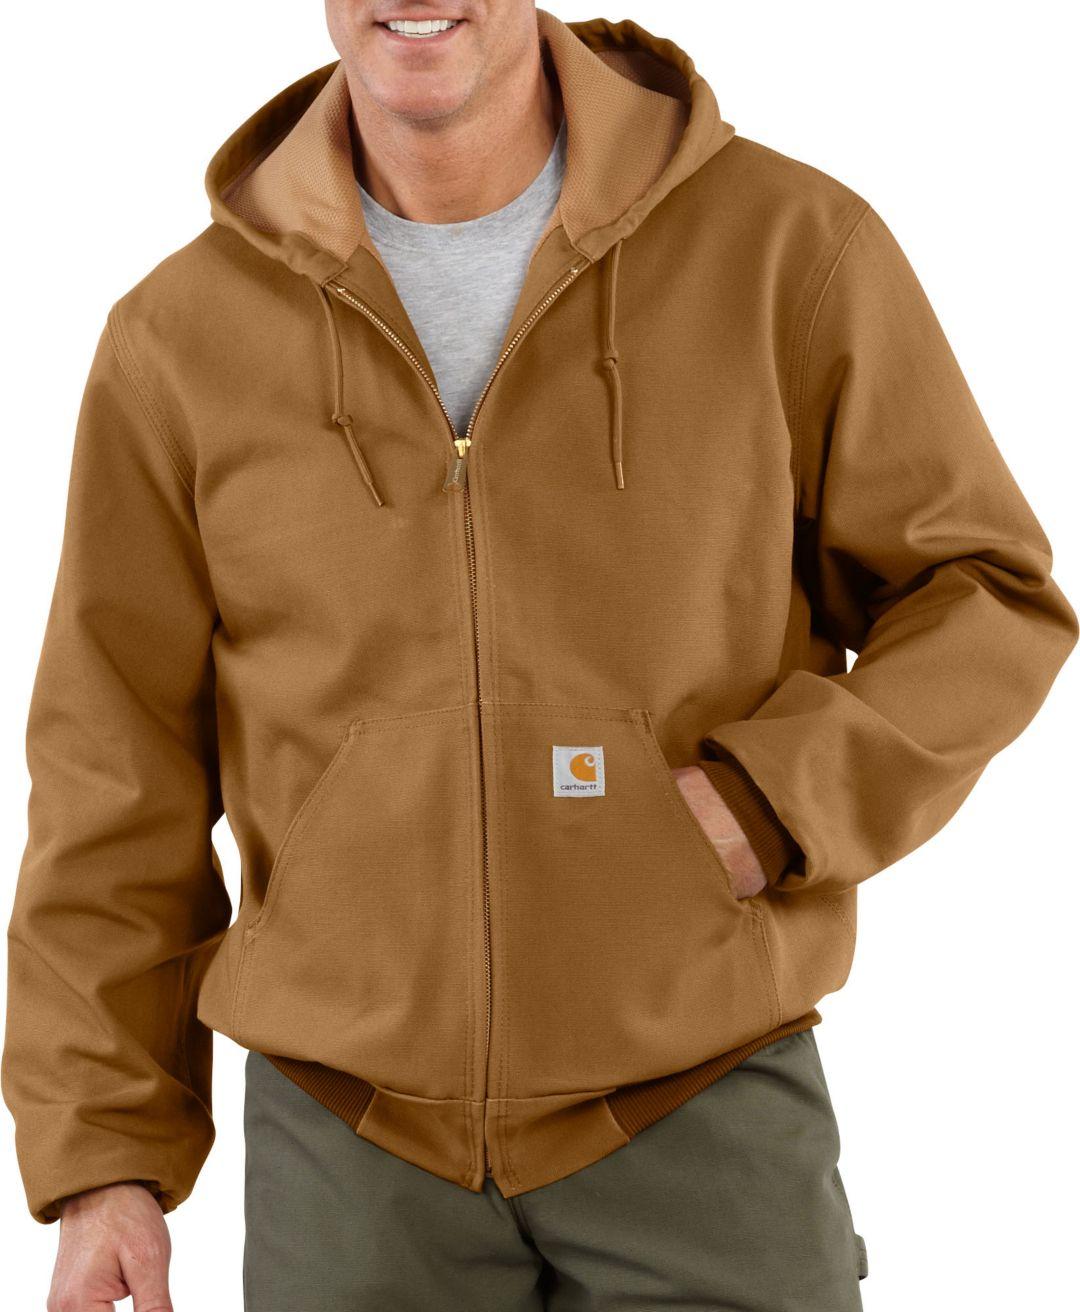 e362e49a8 Carhartt Men's Duck Active Jacket